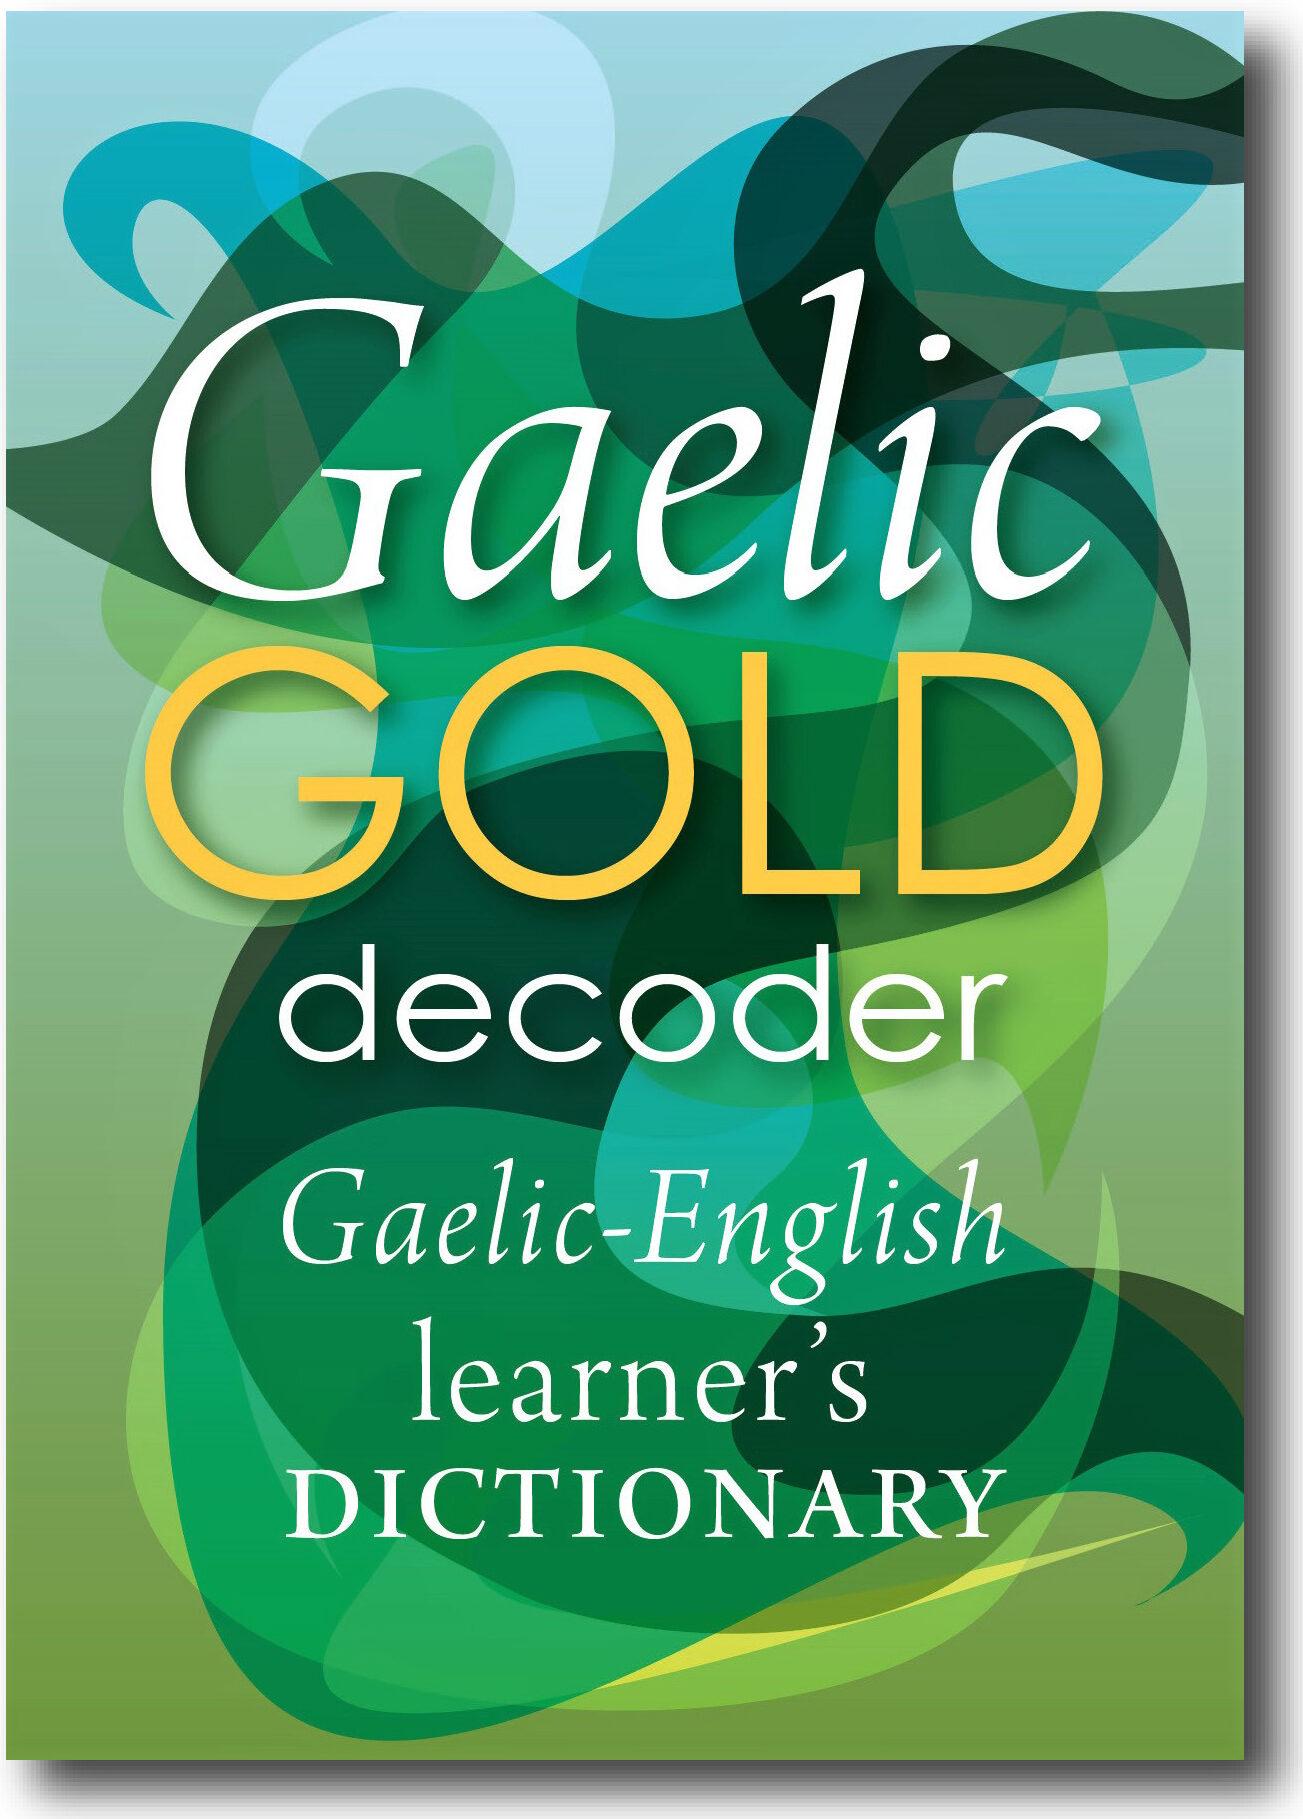 Gaelic Gold Decoder